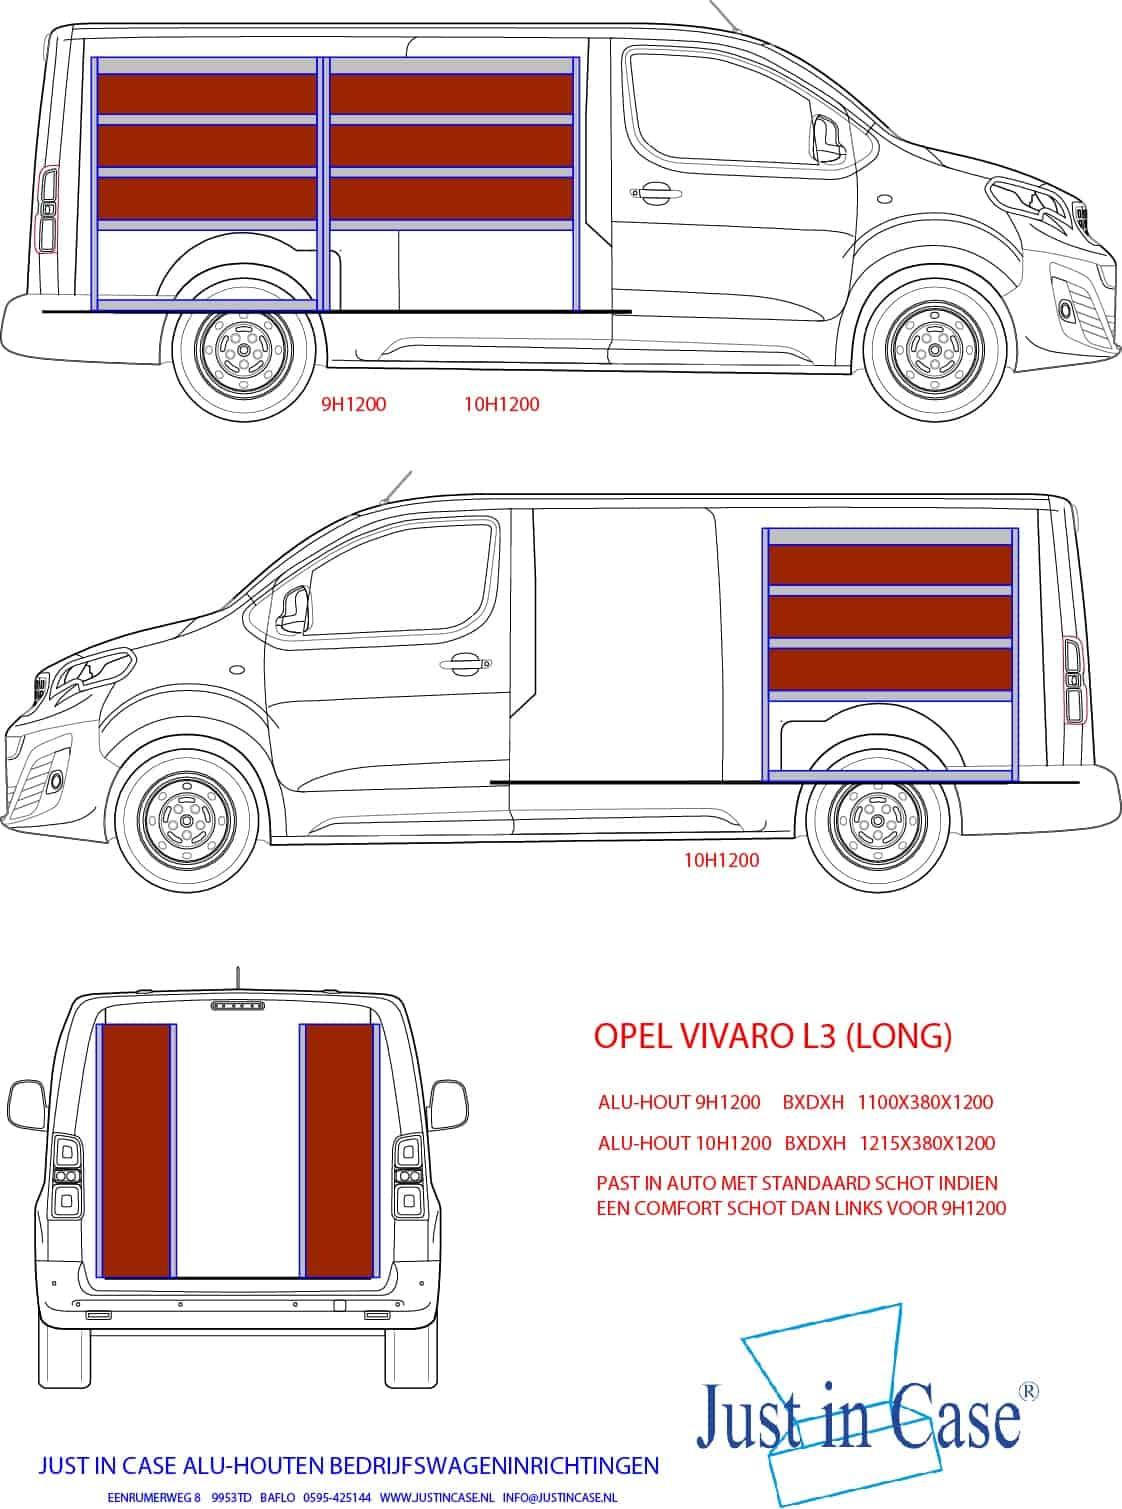 Opel Vivaro (L3) inrichtingen bedrijfswagen schets